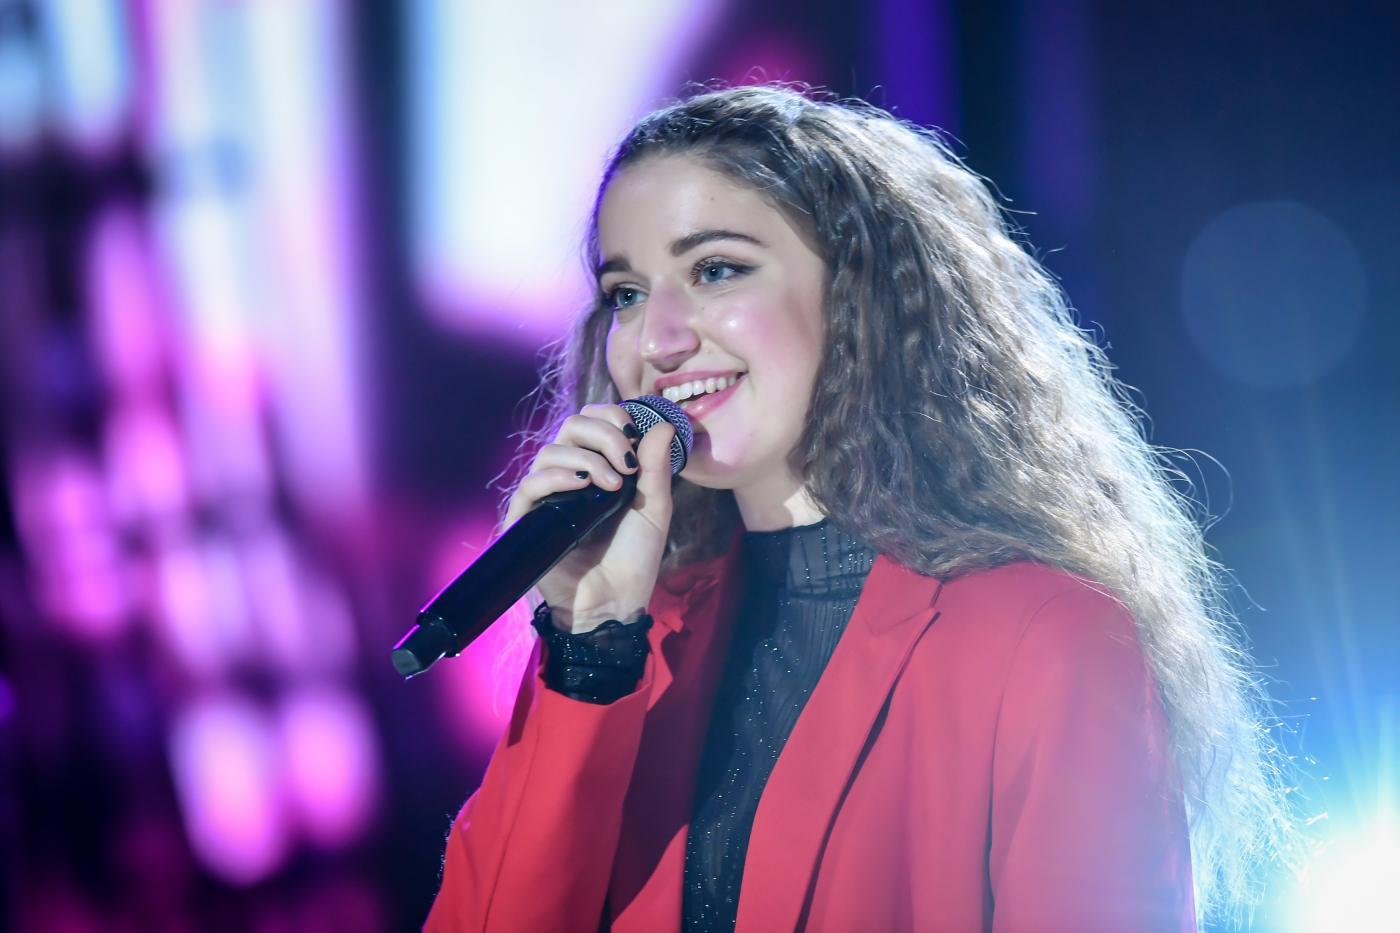 Sanremo 2021, le Nuove Proposte: chi sono, titoli canzoni e come funziona la gara